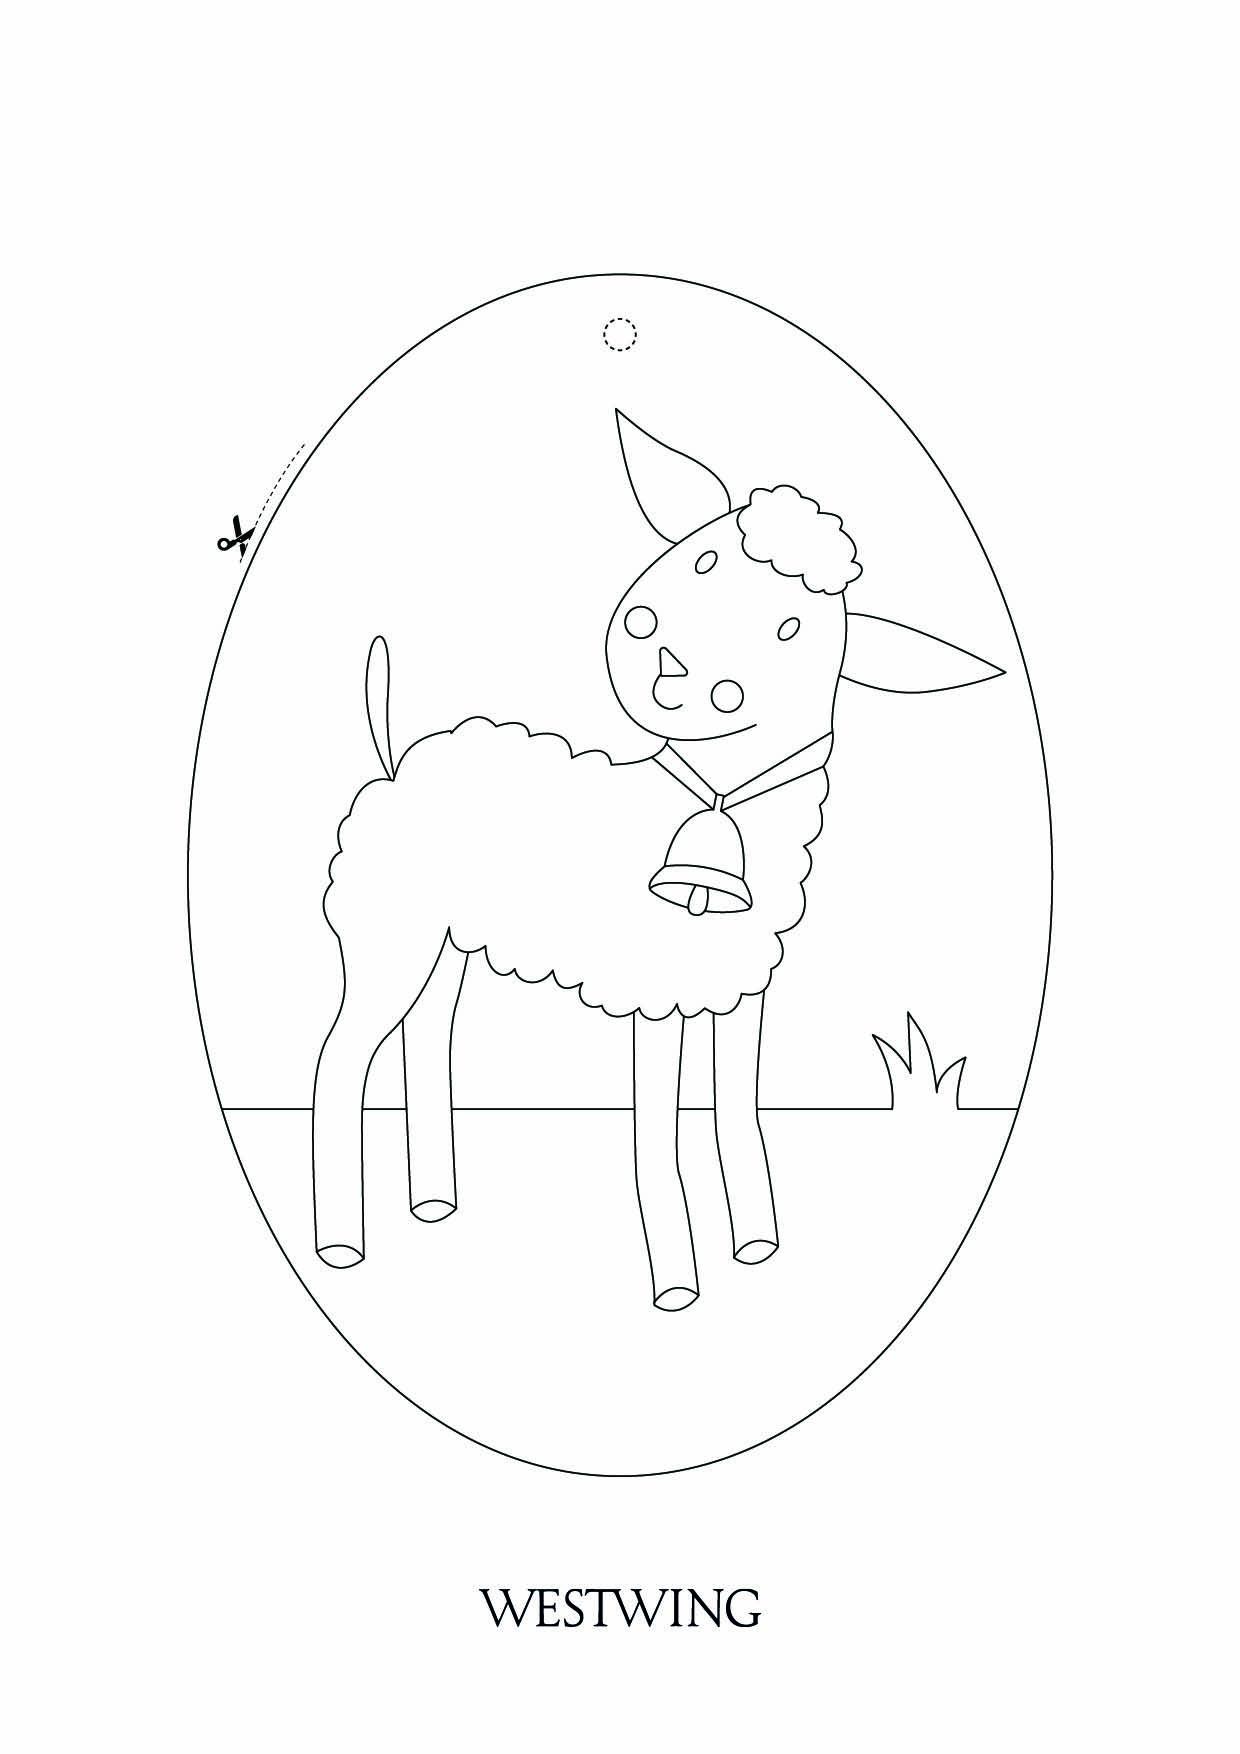 Dessin de Pâques à télécharger et imprimer pour enfants